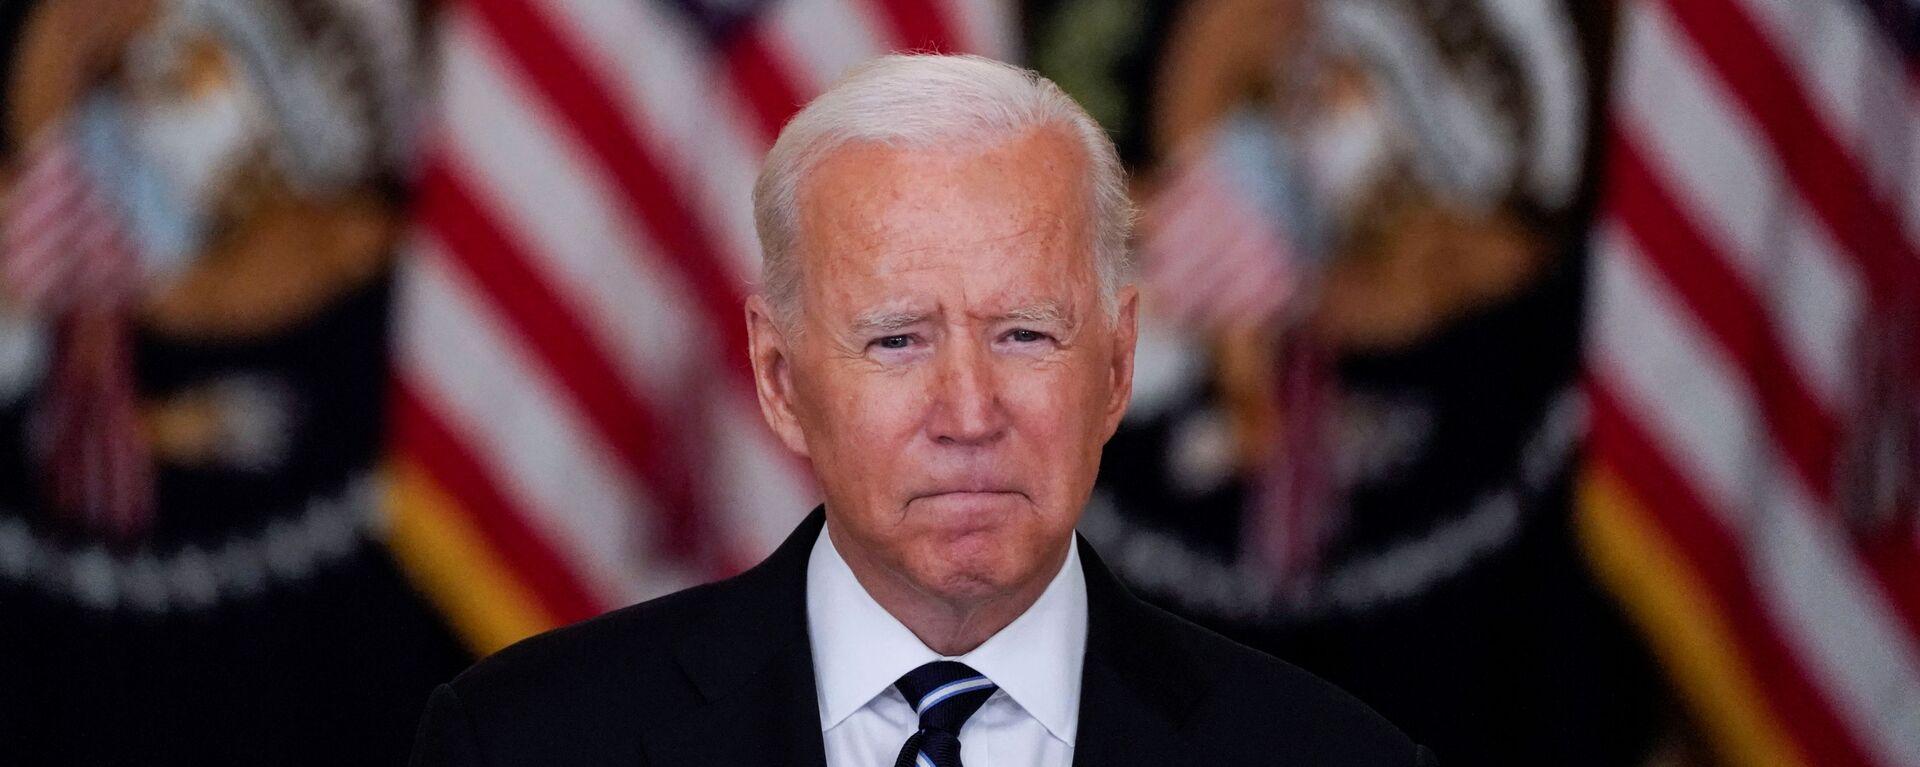 Americký prezident Joe Biden - Sputnik Česká republika, 1920, 07.09.2021